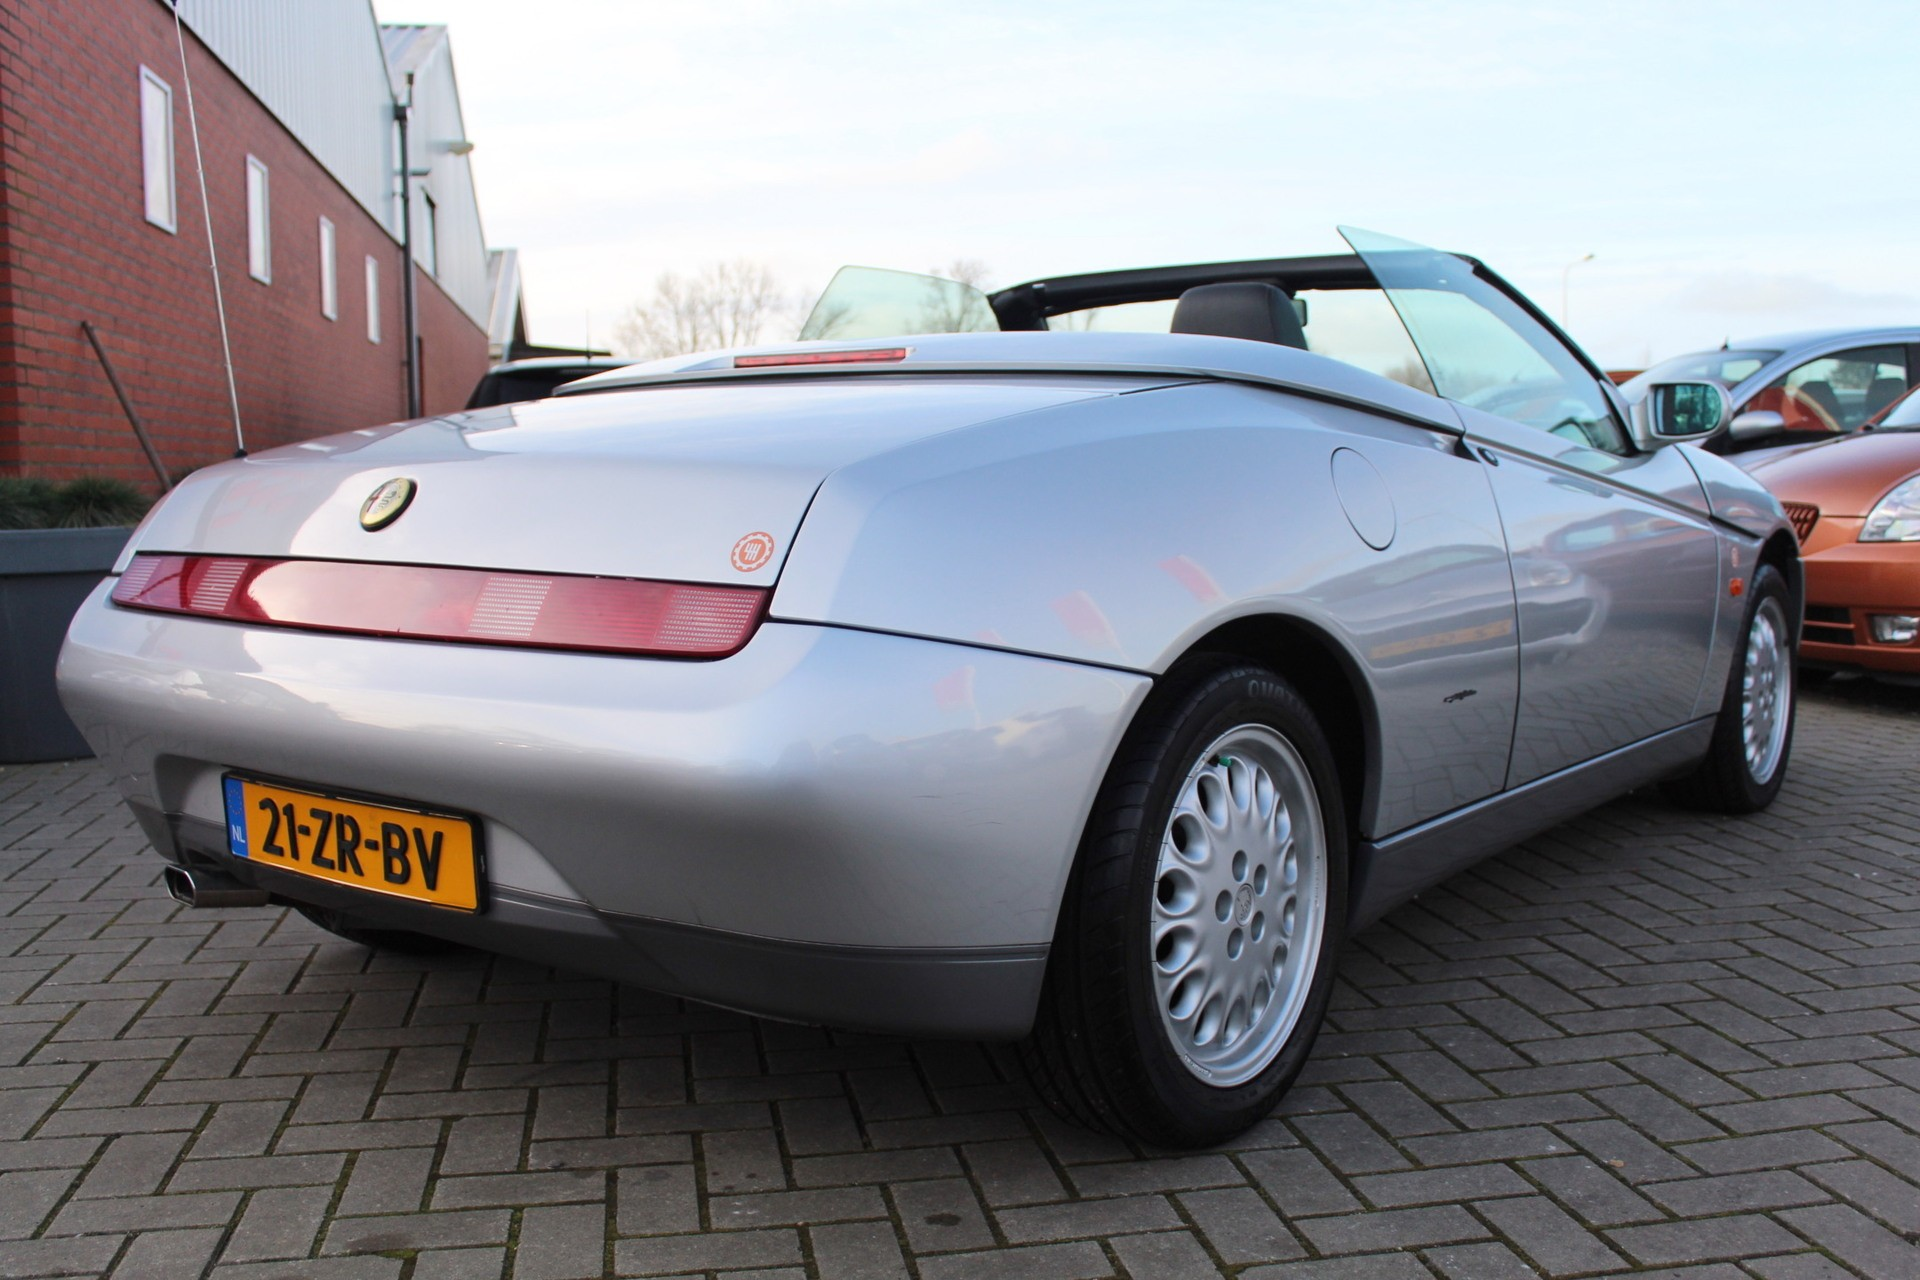 Caroutlet Groningen - Alfa Romeo Spider 2.0-16V T.Spark   PRACHTSTAAT   AIRCO  